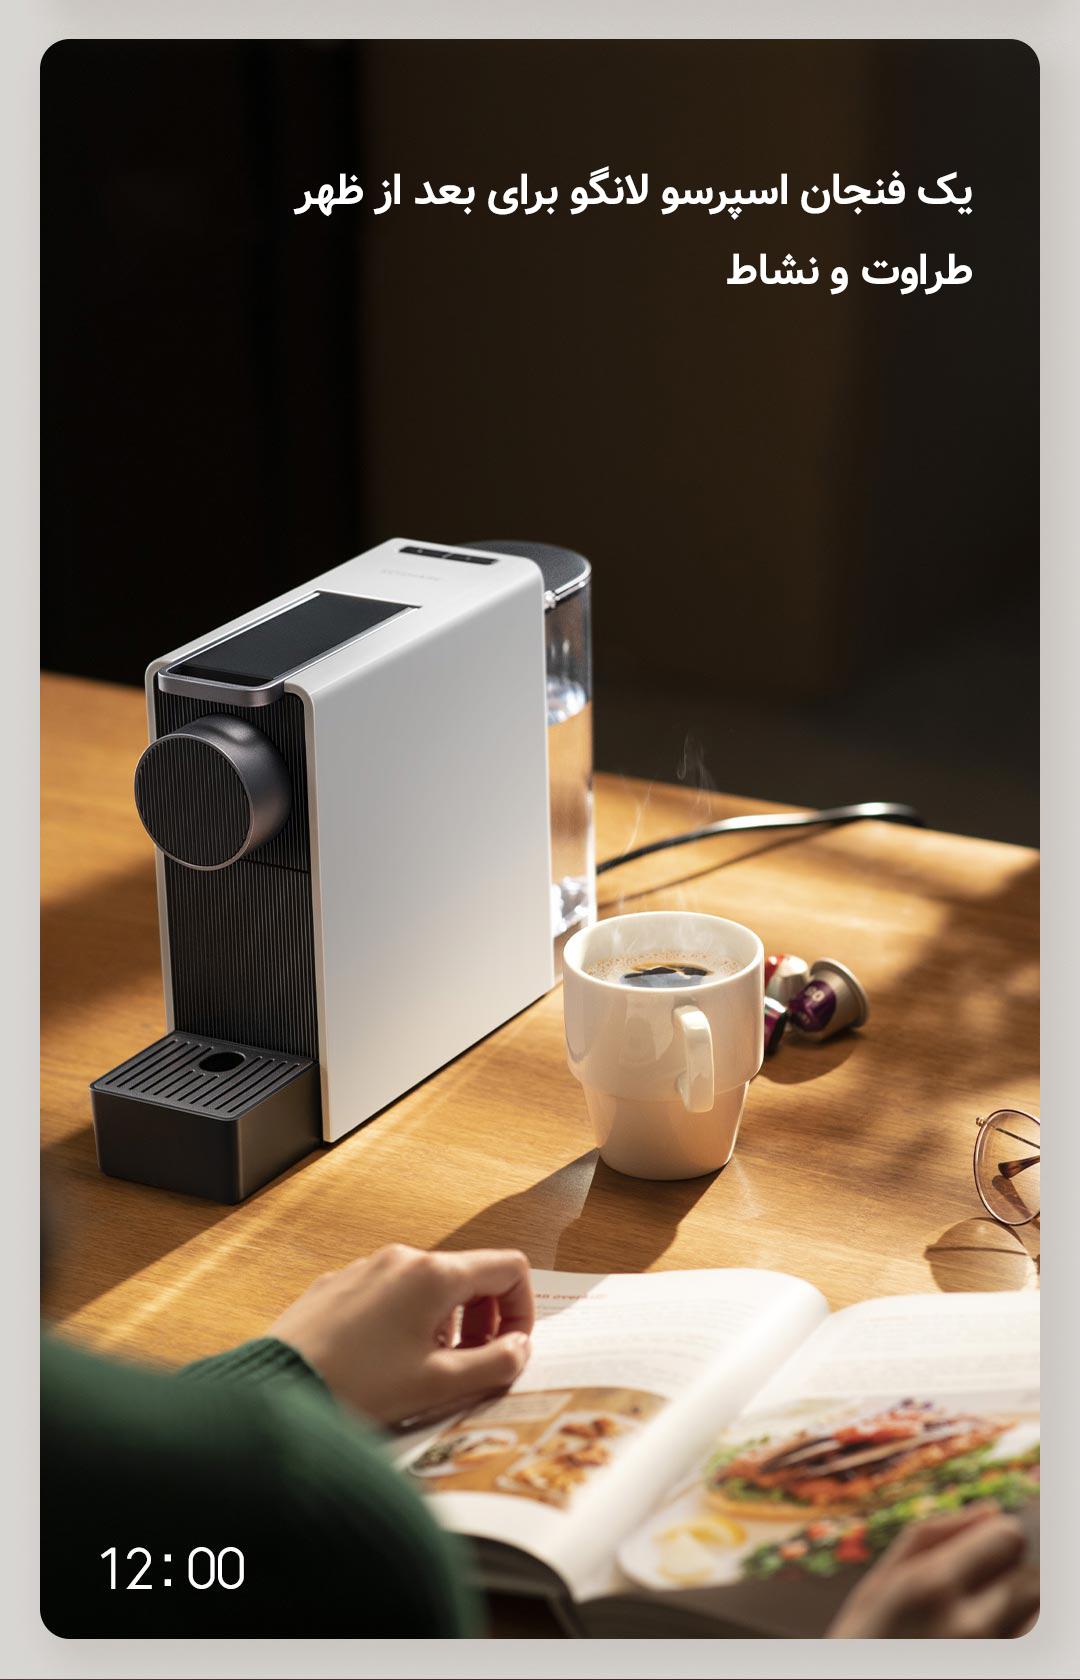 دستگاه قهوه ساز کپسولی Scishare مدل S1201